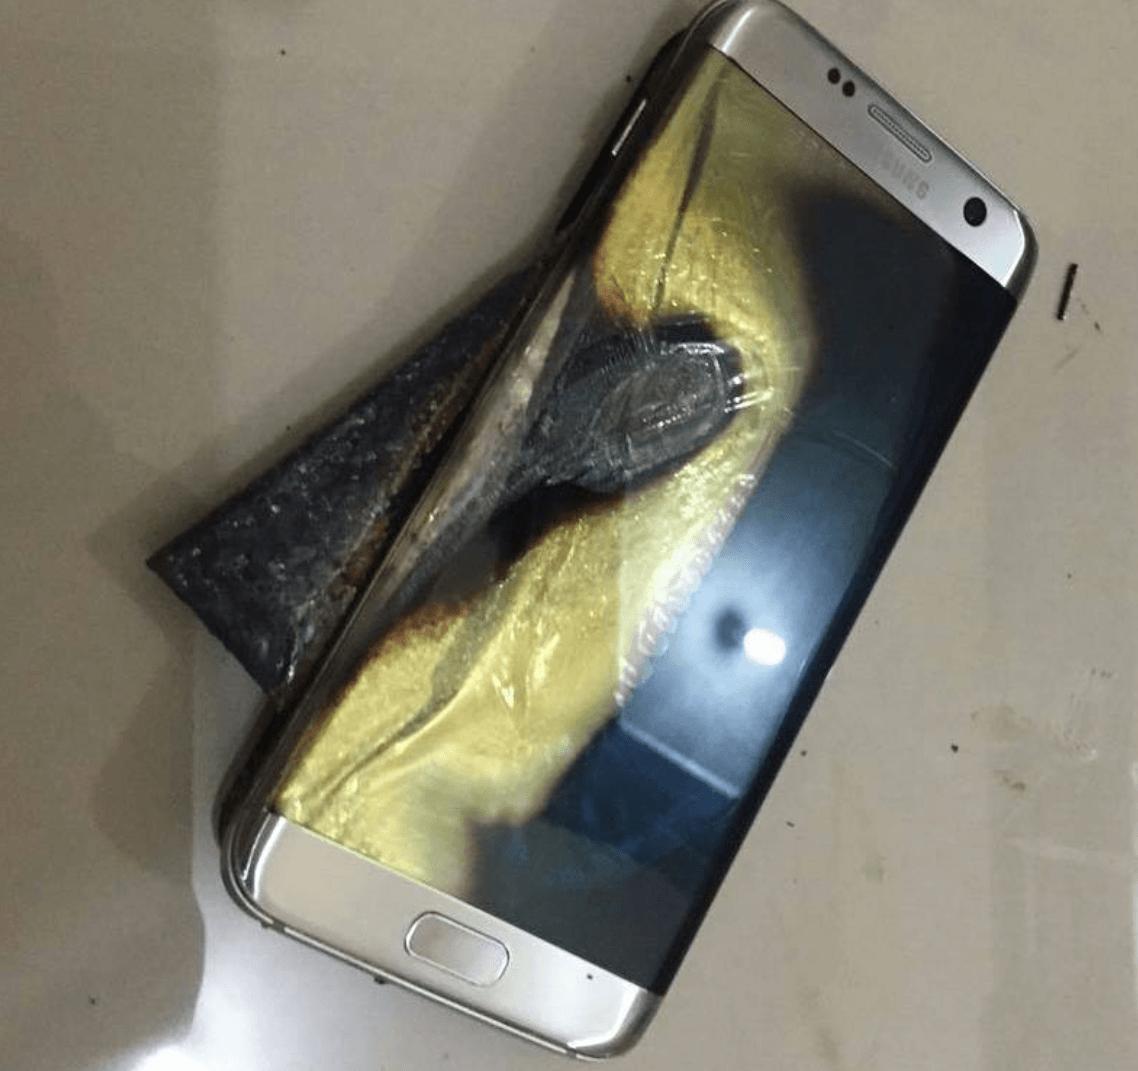 Un Galaxy S7 Edge esplode, ecco le foto